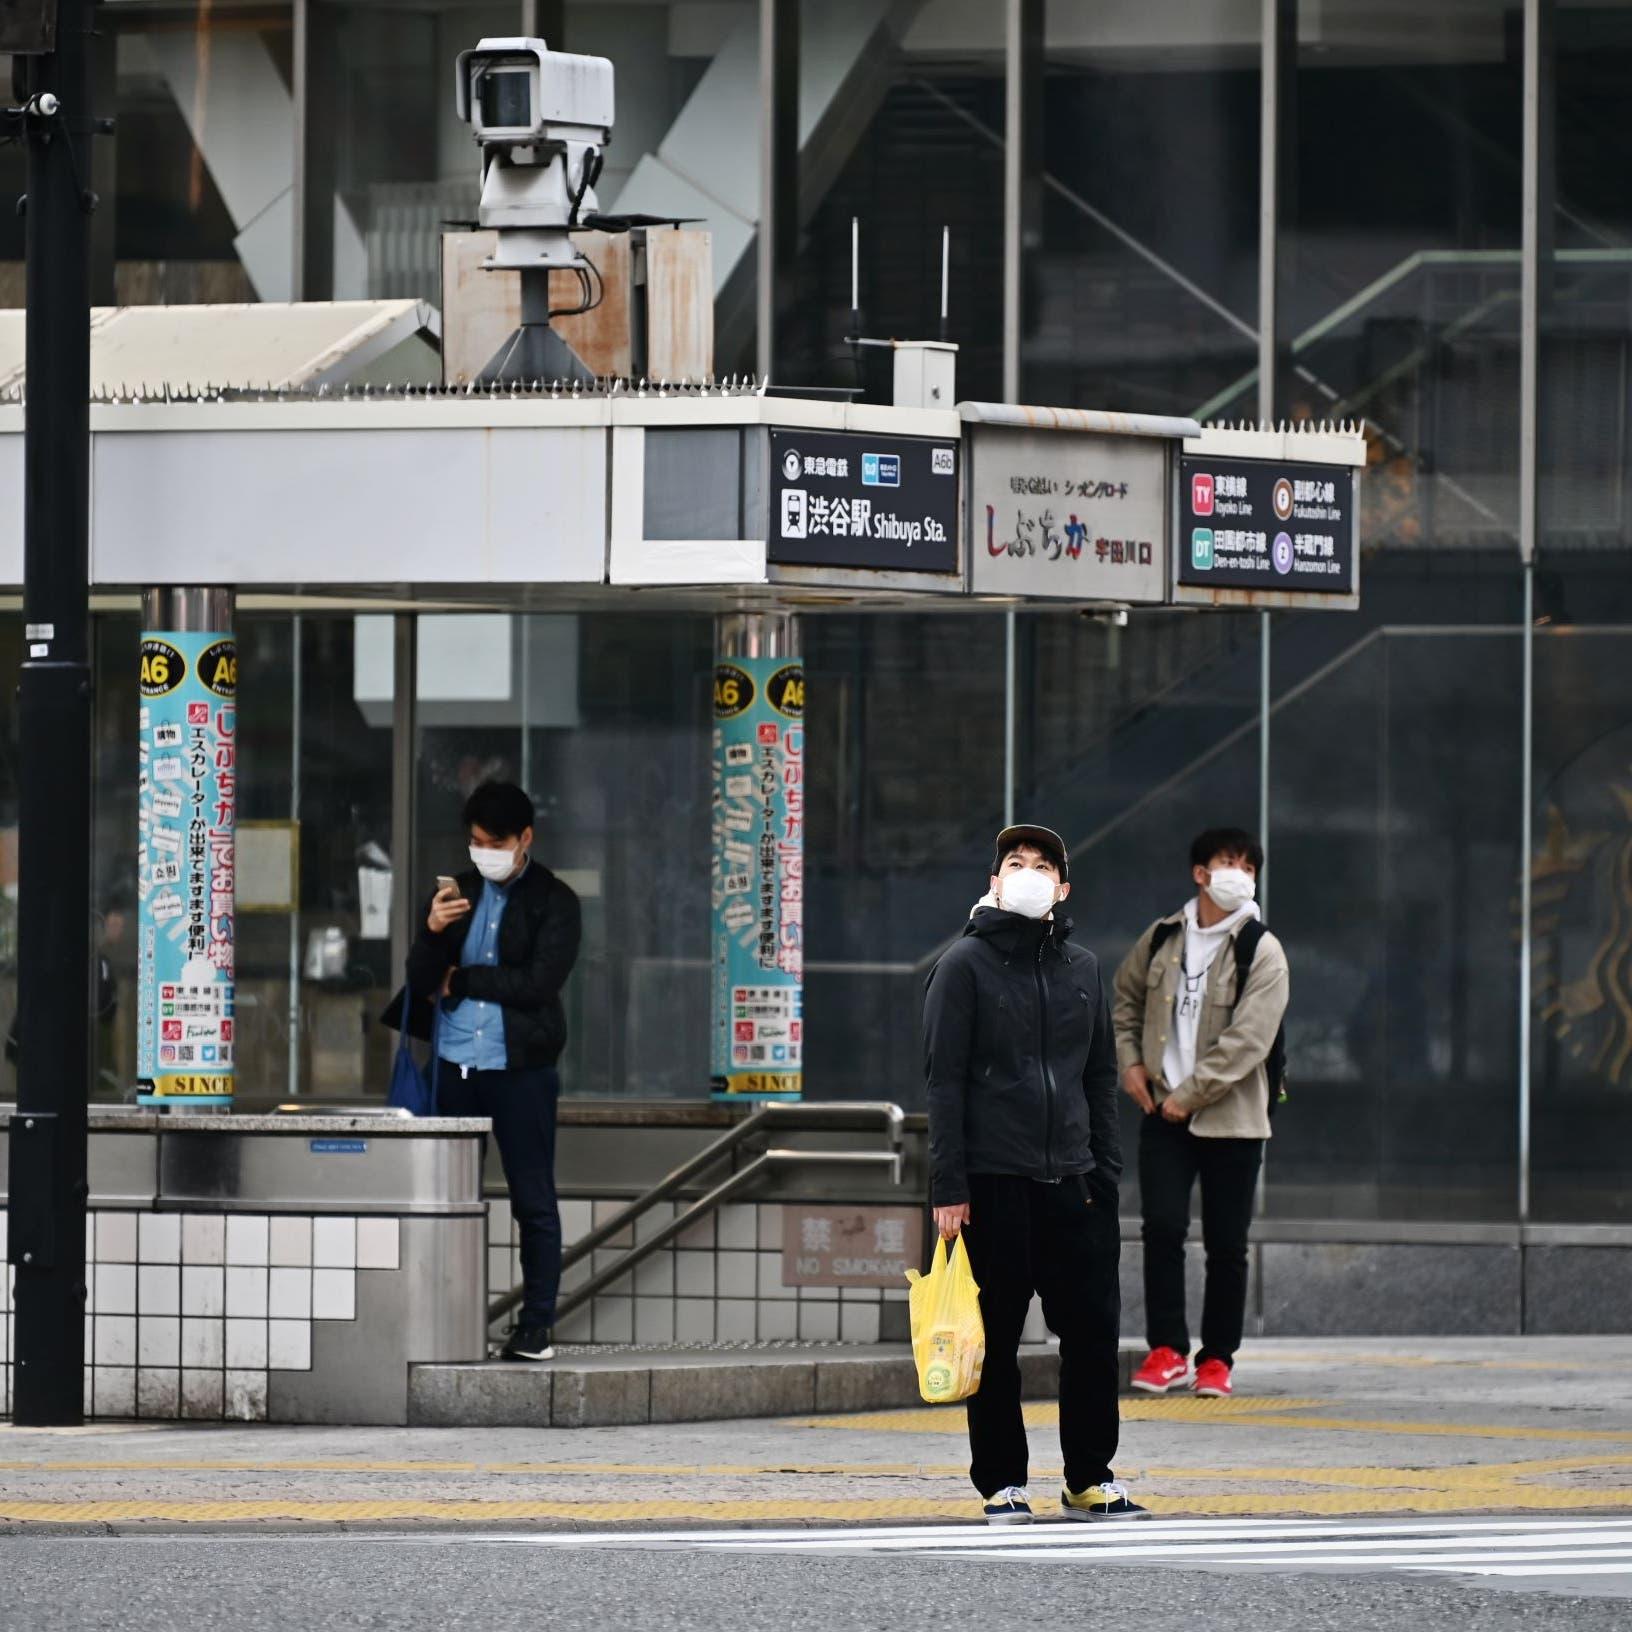 اليابان تطلق حزمة تحفيز جديدة بـ708 مليارات دولار